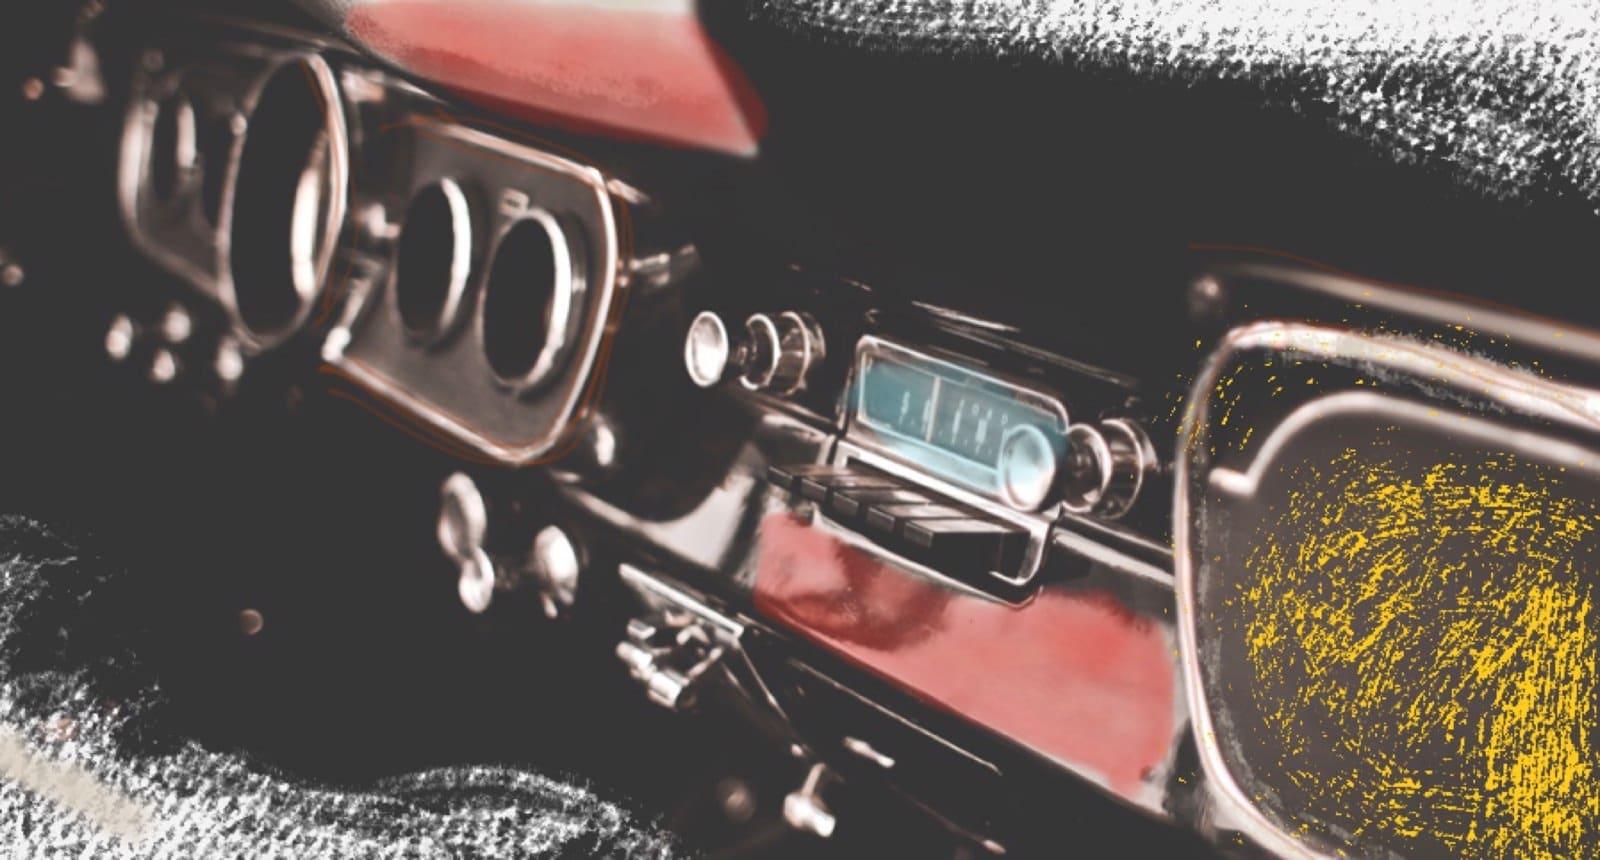 Cruscotto macchina d'epoca che richiama al io che esibisco-parlo di me stesso